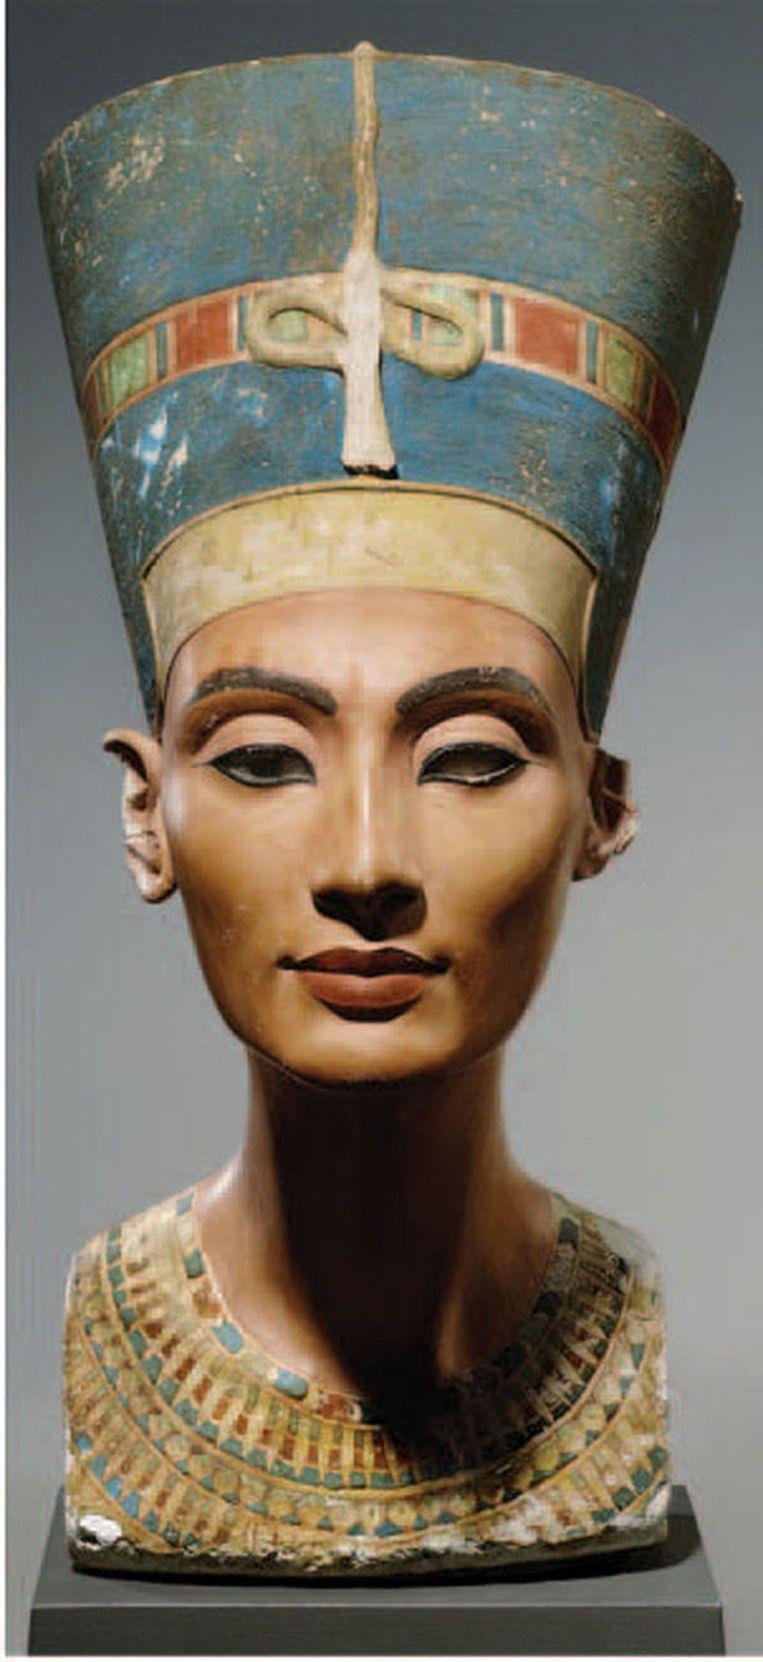 De legendarische Egyptische koningin Nefertiti.